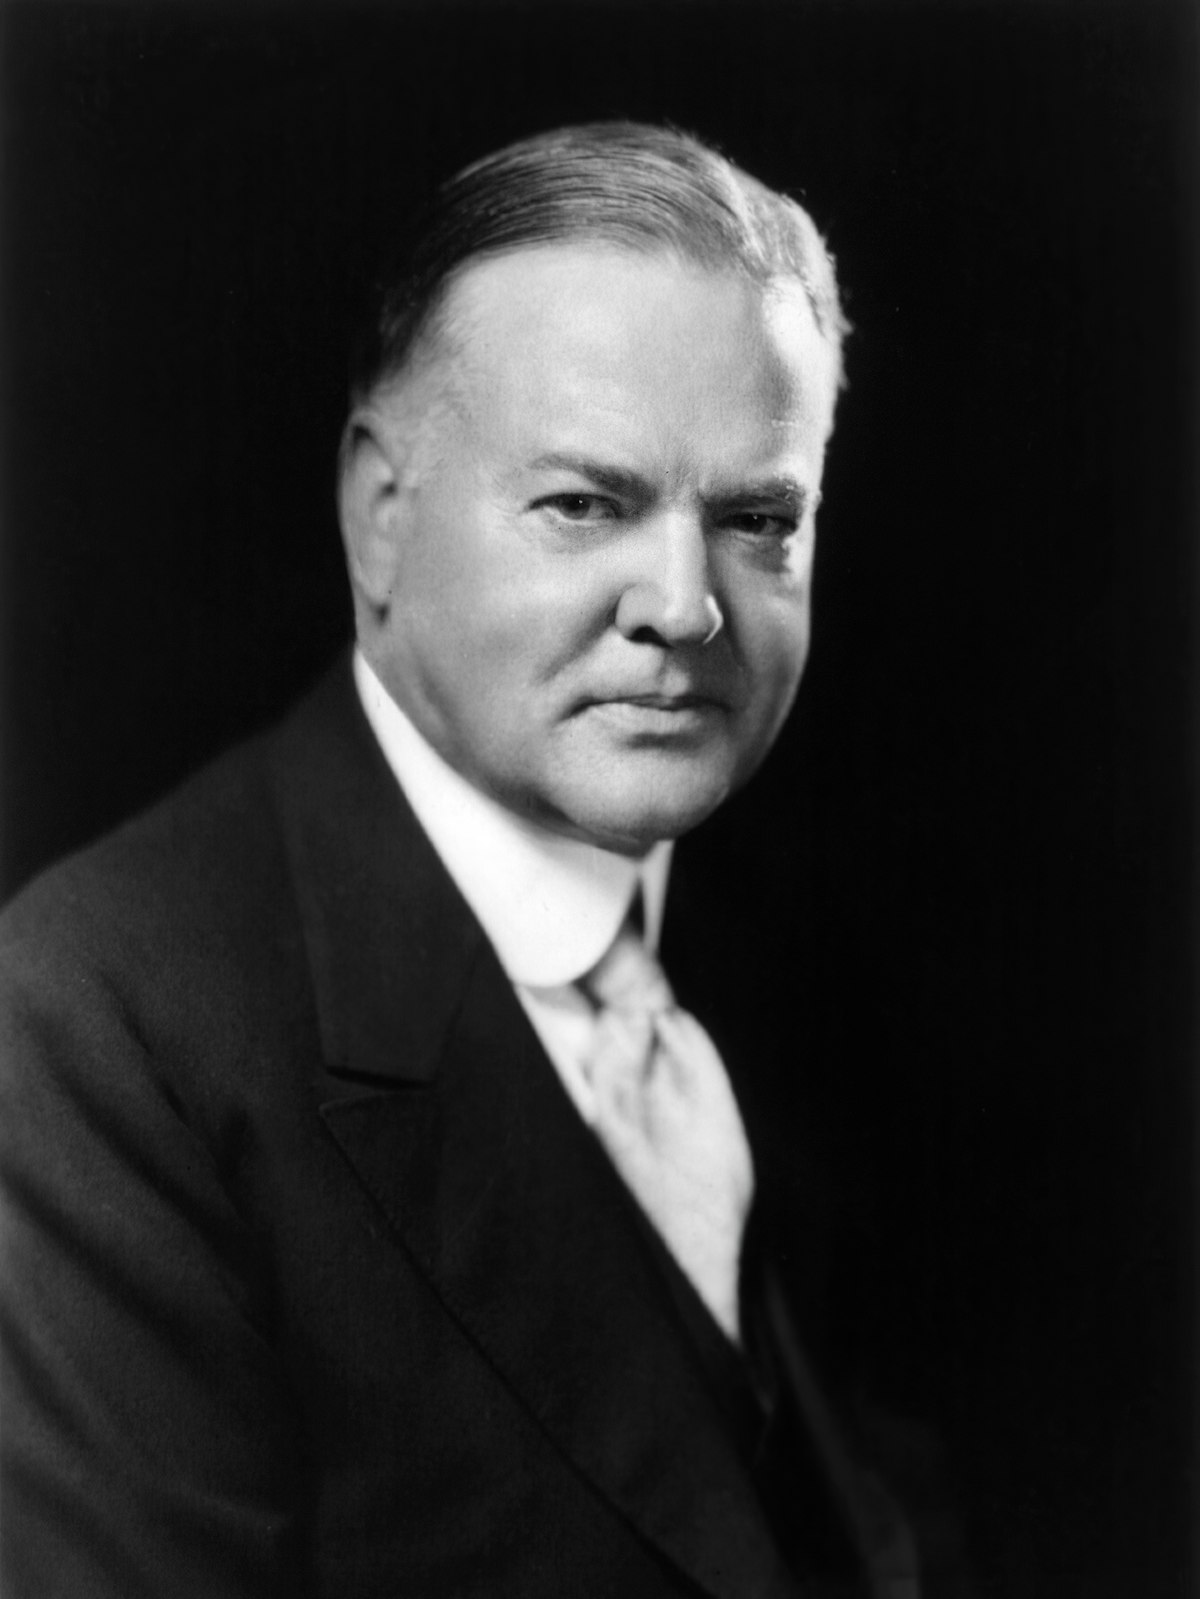 1200px-President_Hoover_portrait.jpg